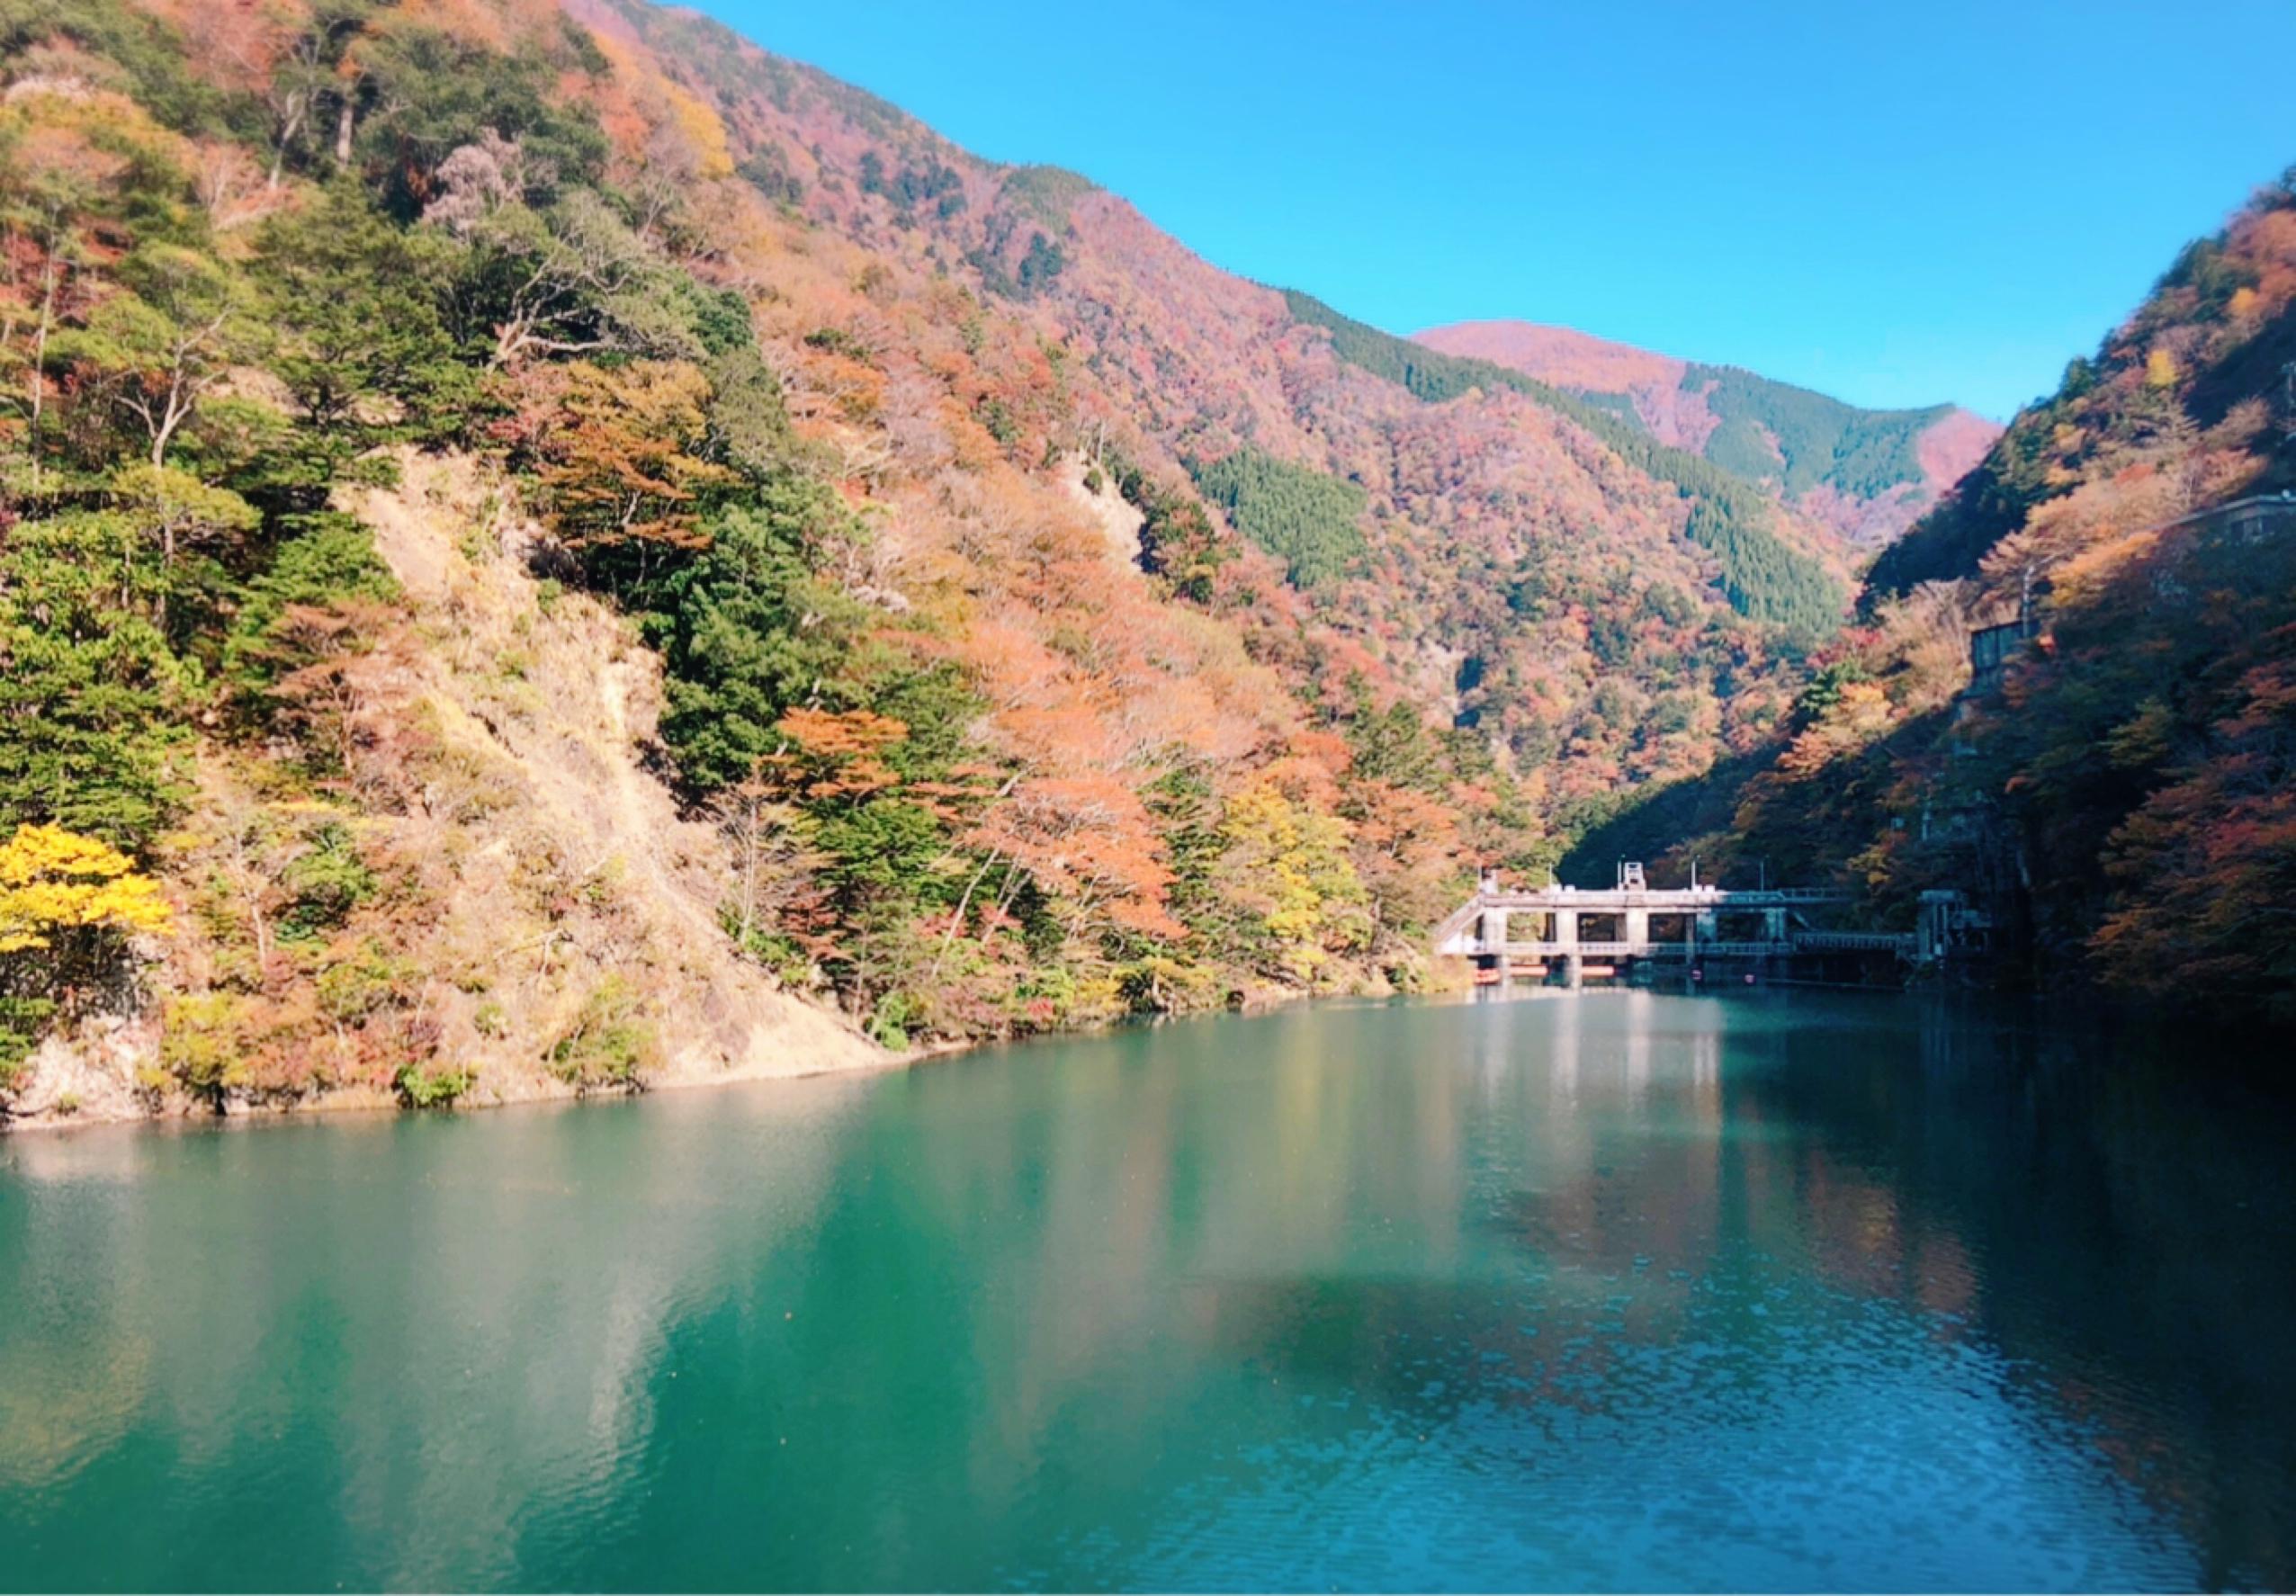 【#静岡】《夢の吊り橋×秋・紅葉》美しすぎるミルキーブルーの湖と紅葉のコントラストにうっとり♡湖上の吊り橋で空中散歩気分˚✧₊_7